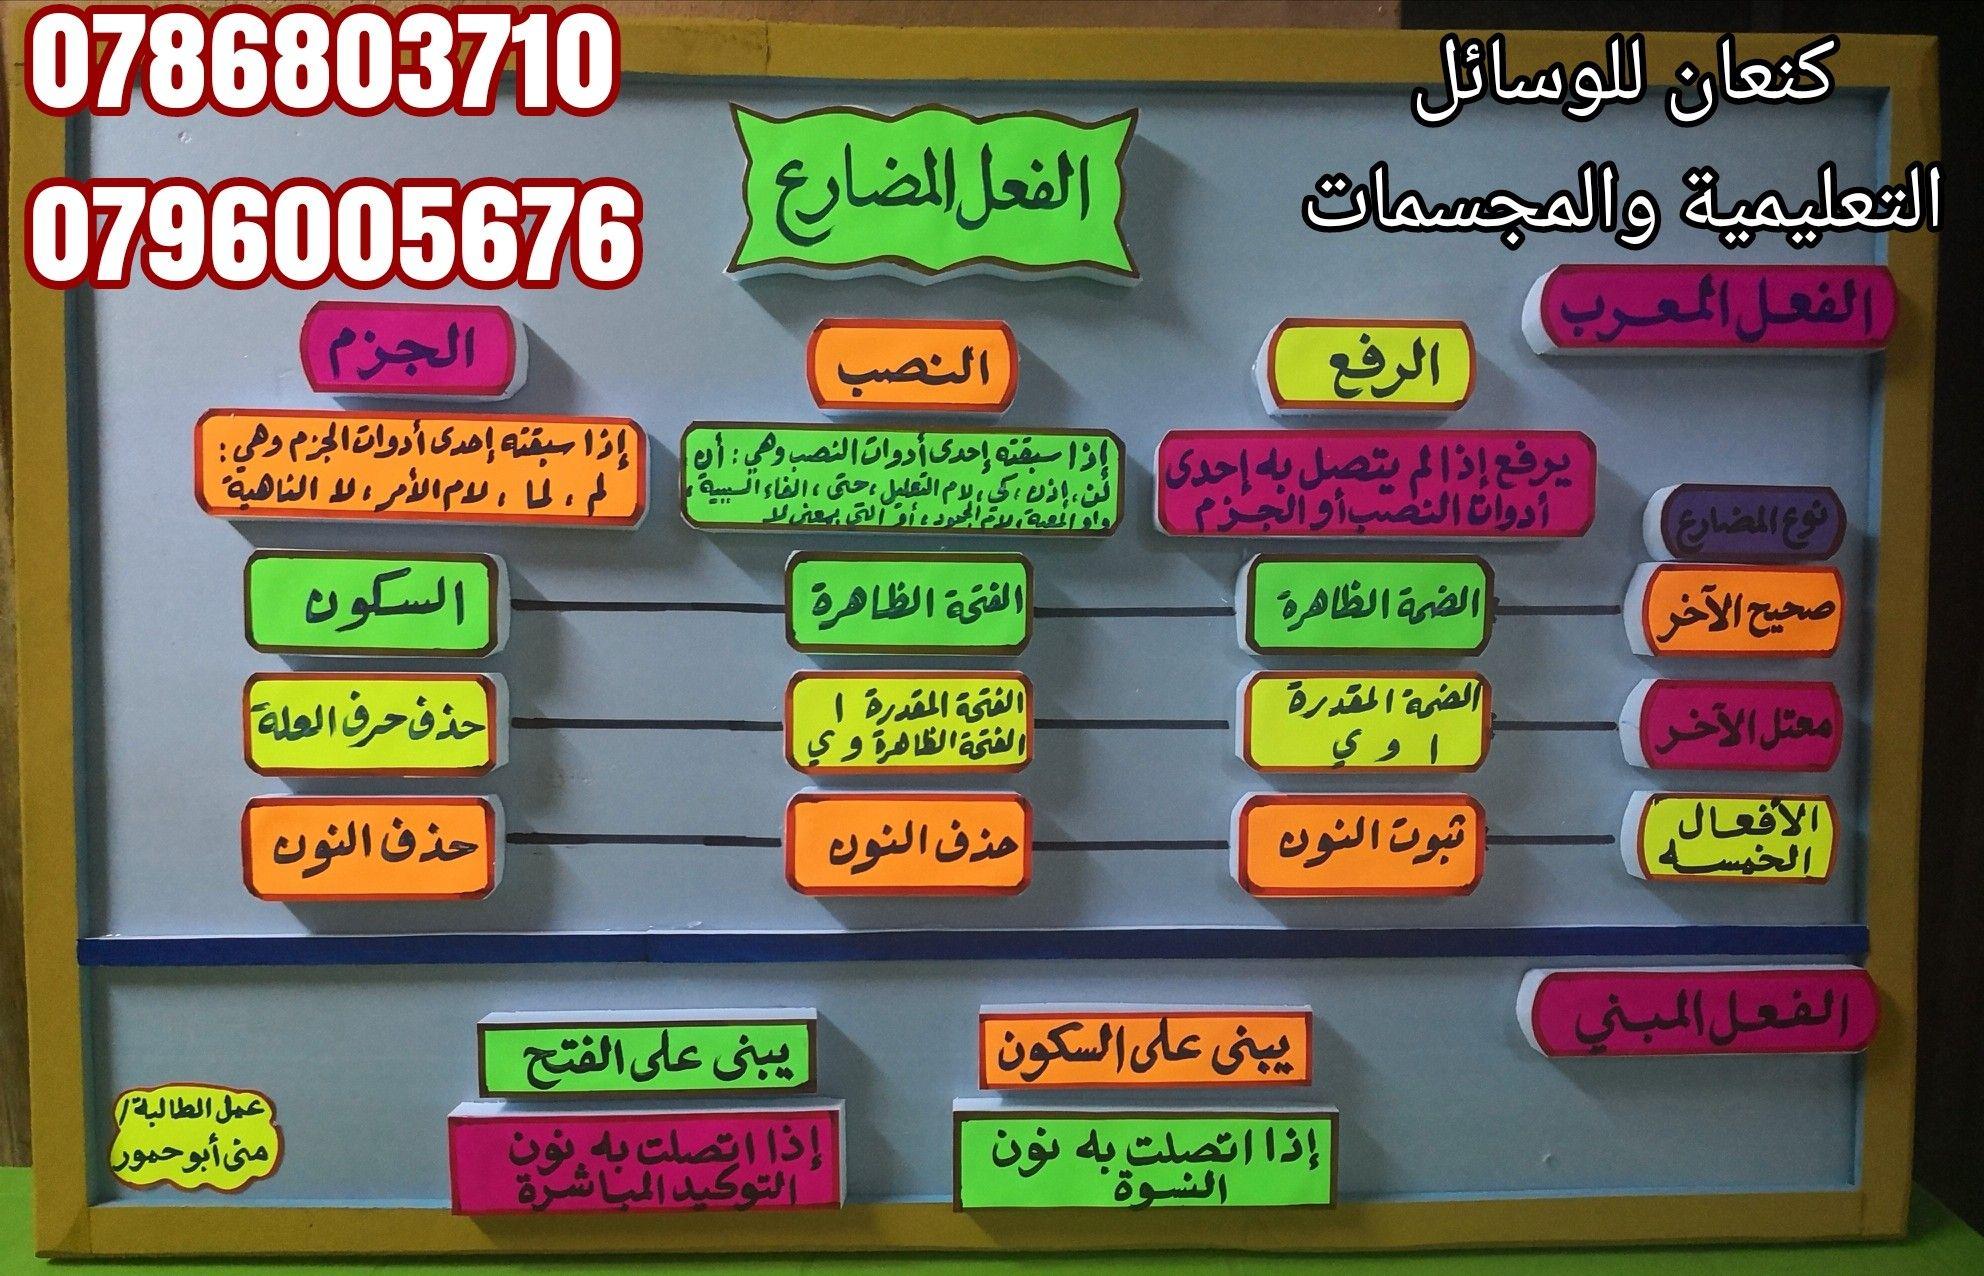 لوحة تعليمية عن الفعل المضارع في اللغة العربية School Tool School Related School